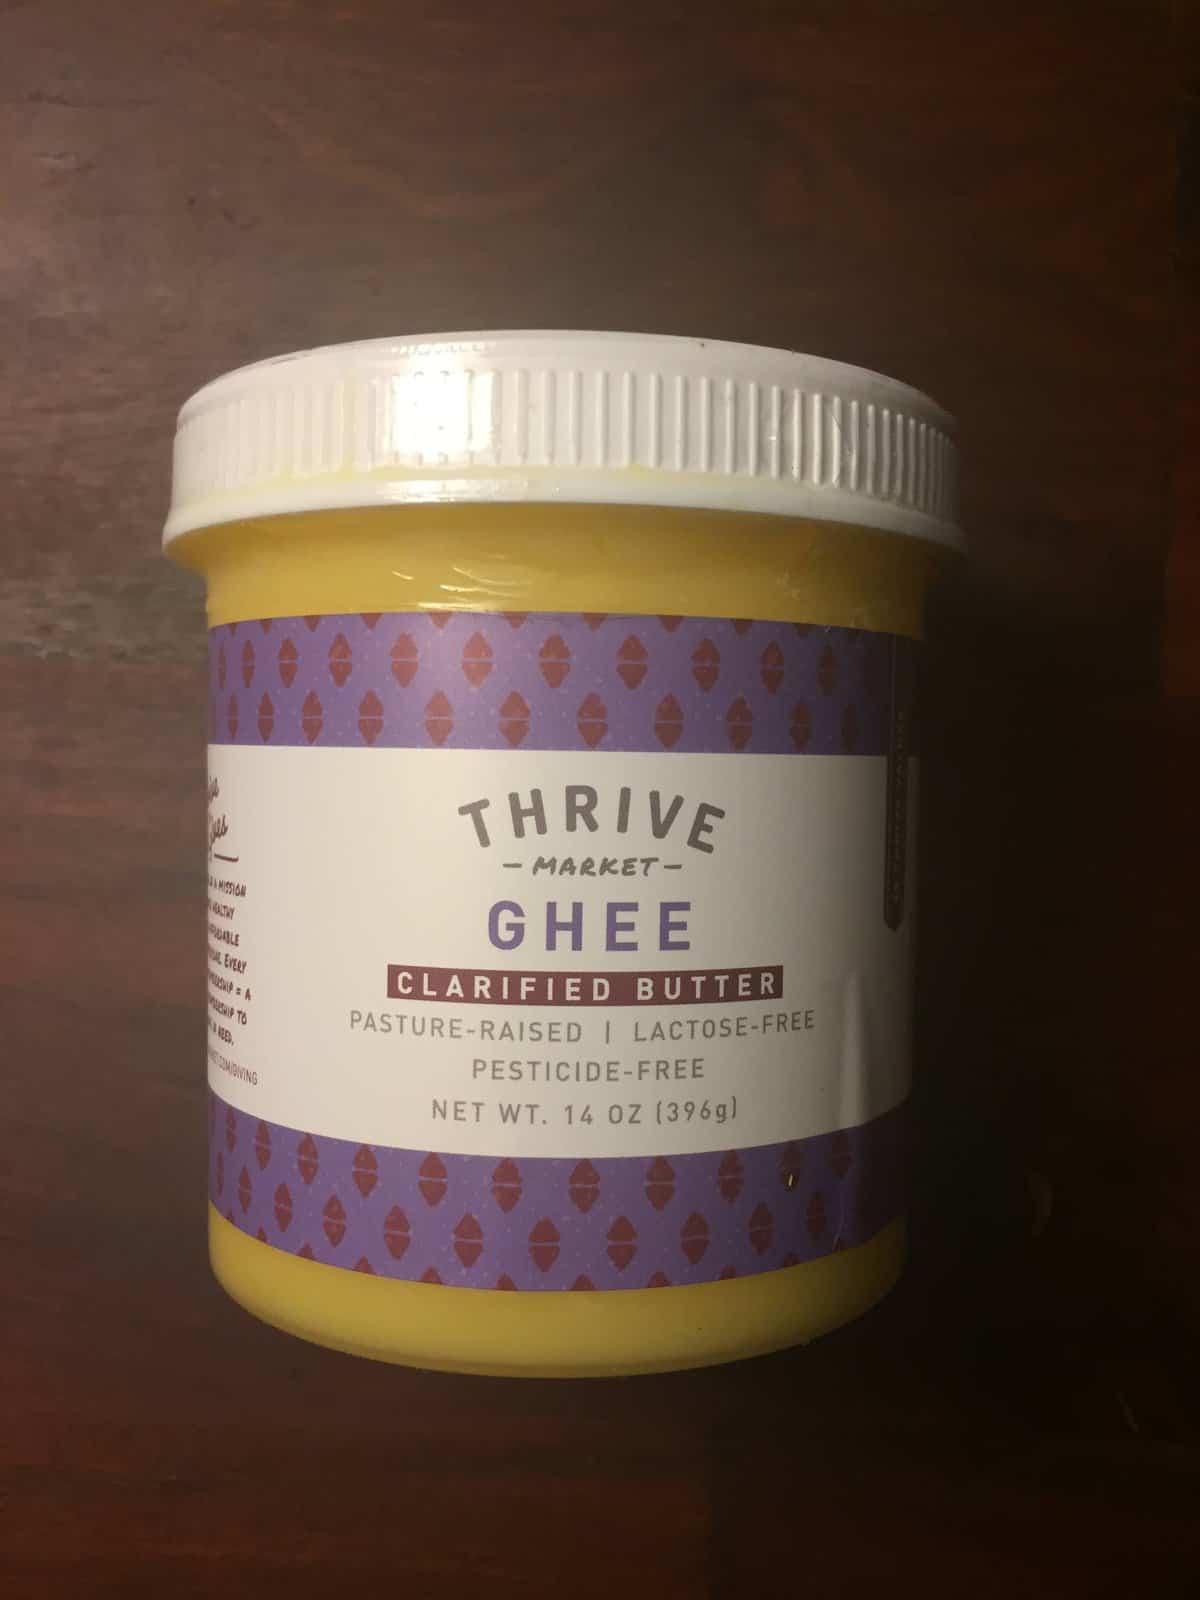 Thrive Market brand ghee